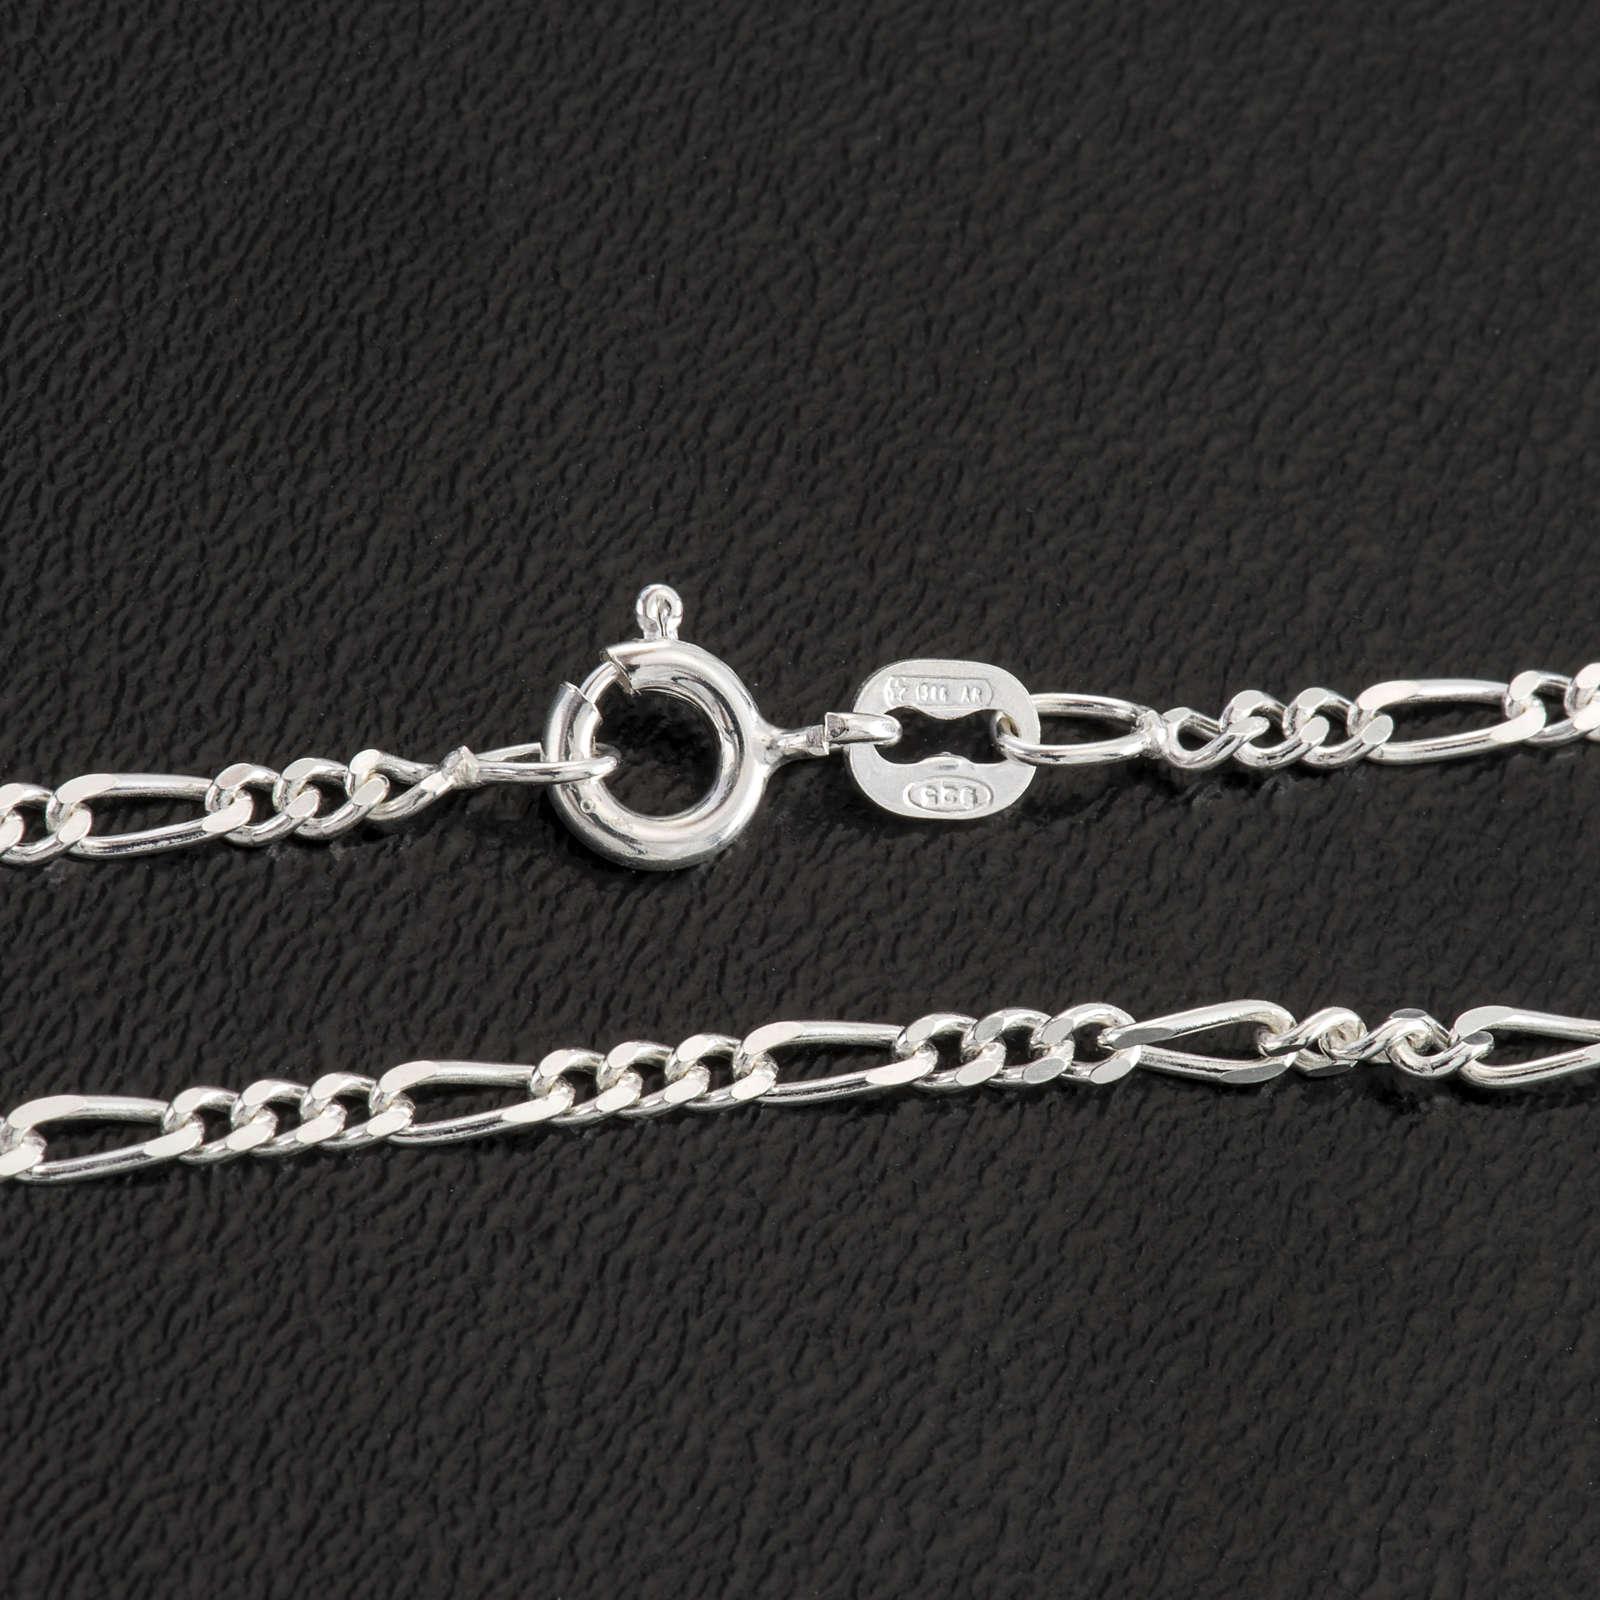 Cadena figaro de plata 925, 50cm 4